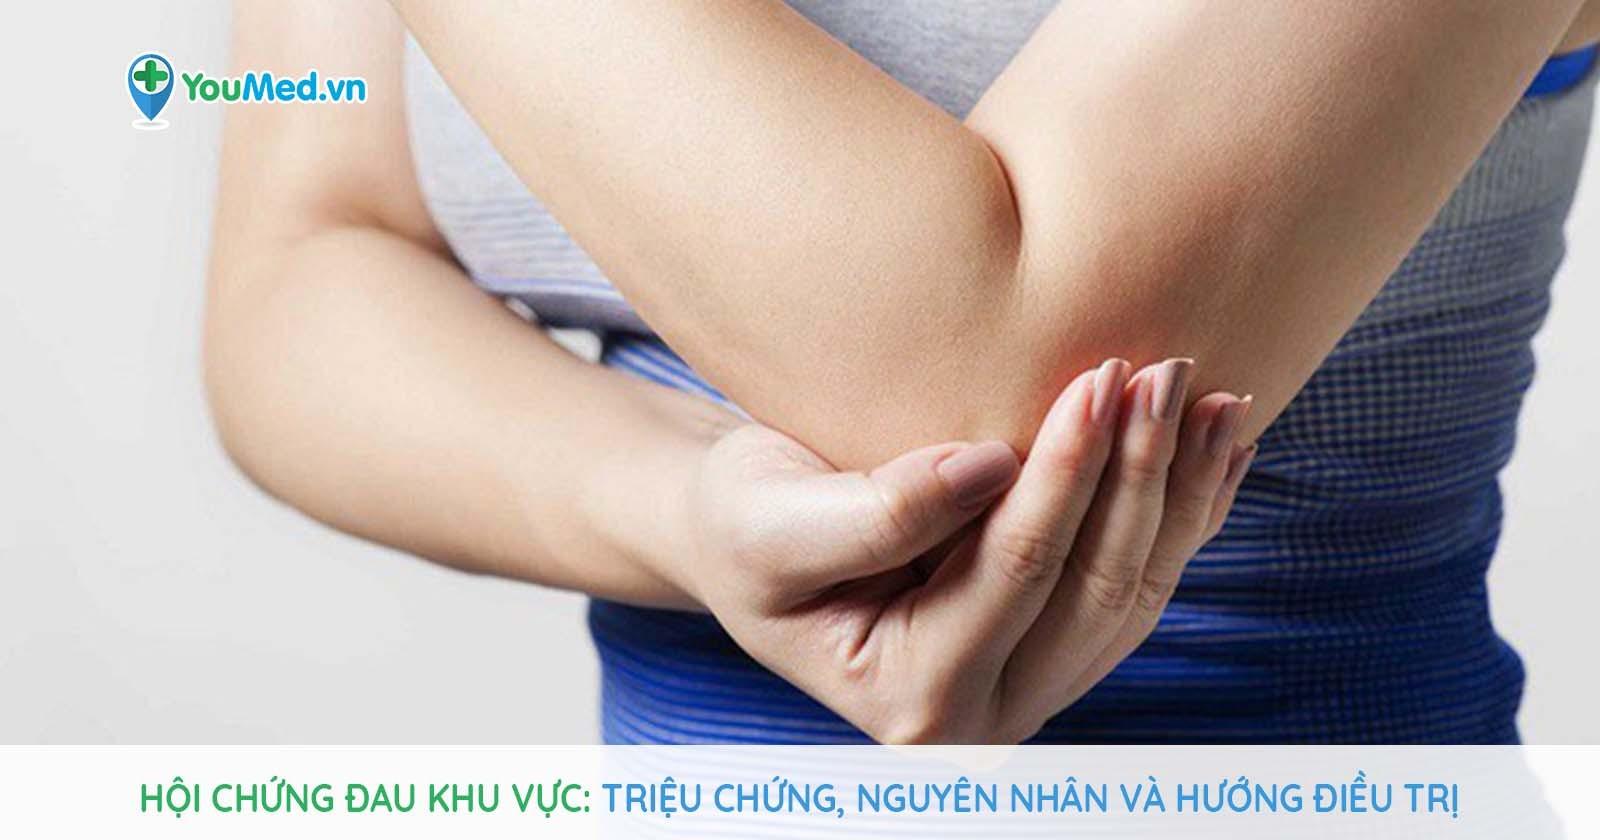 Hội chứng đau khu vực: Triệu chứng, nguyên nhân và hướng điều trị